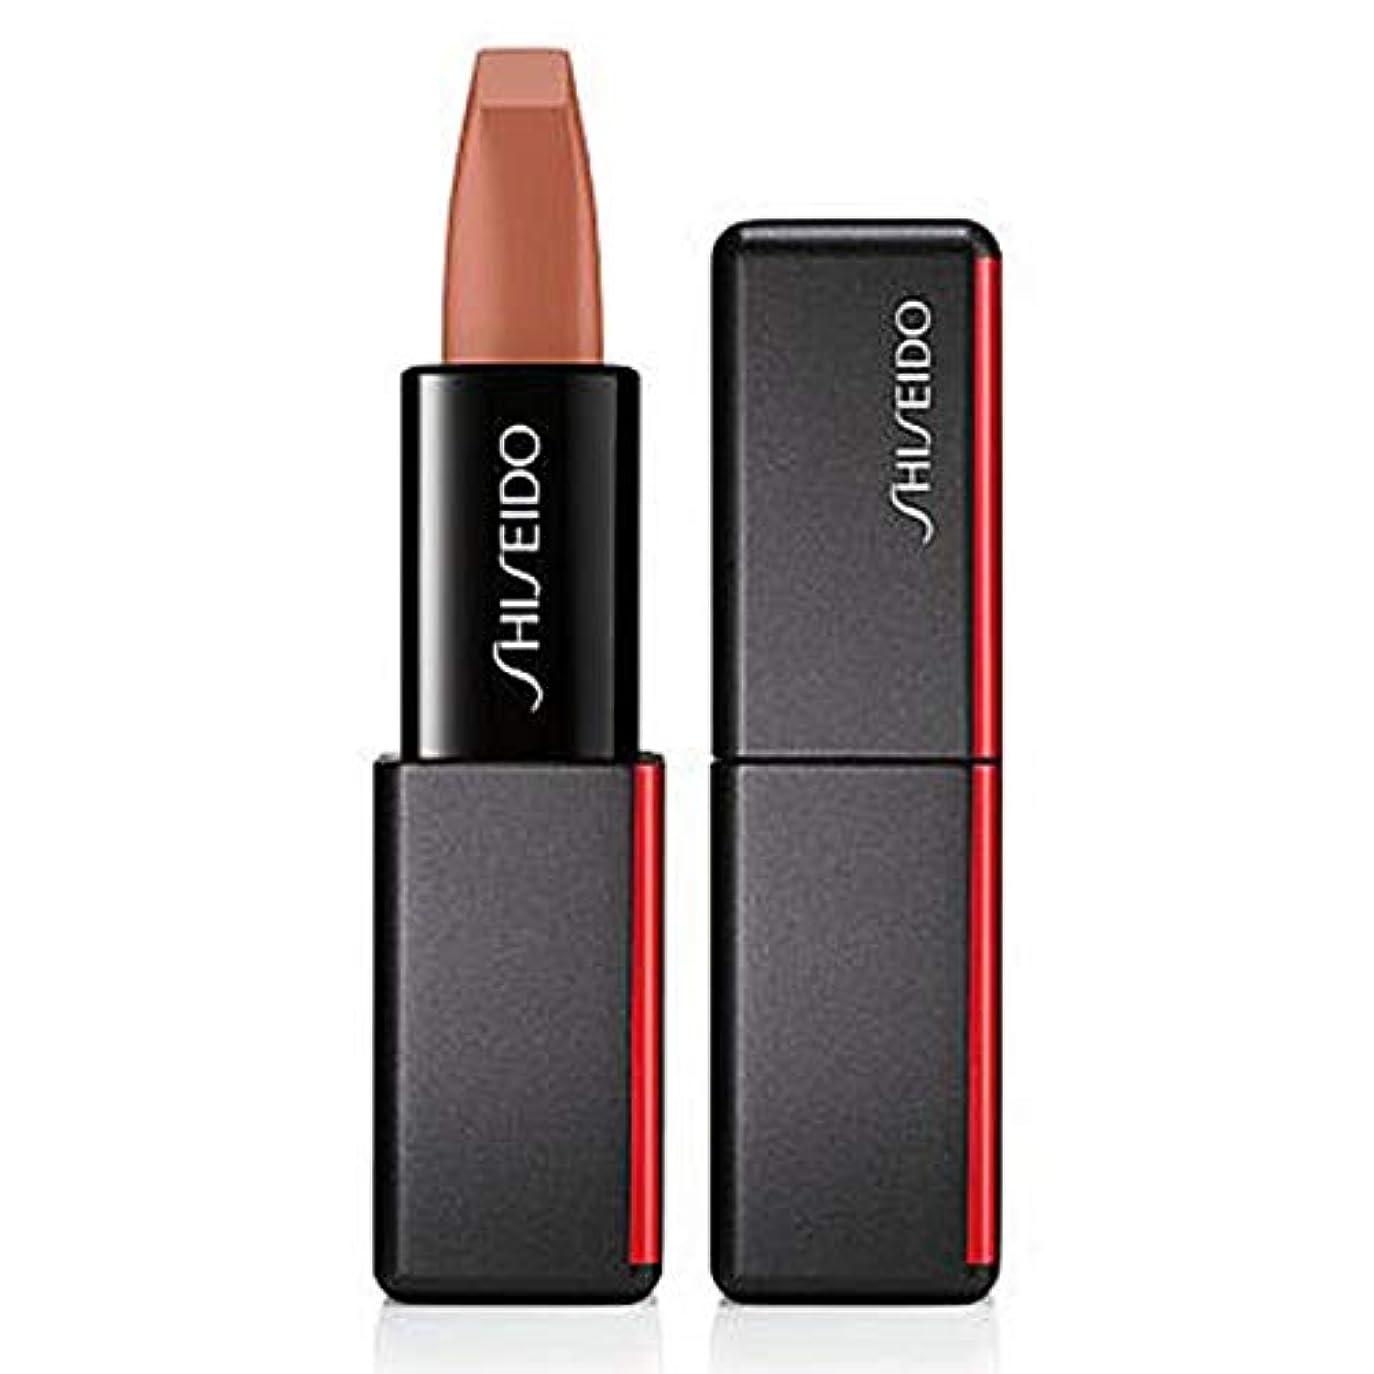 オーケストラ仕方ボタン資生堂 ModernMatte Powder Lipstick - # 504 Thigh High (Nude Beige) 4g/0.14oz並行輸入品